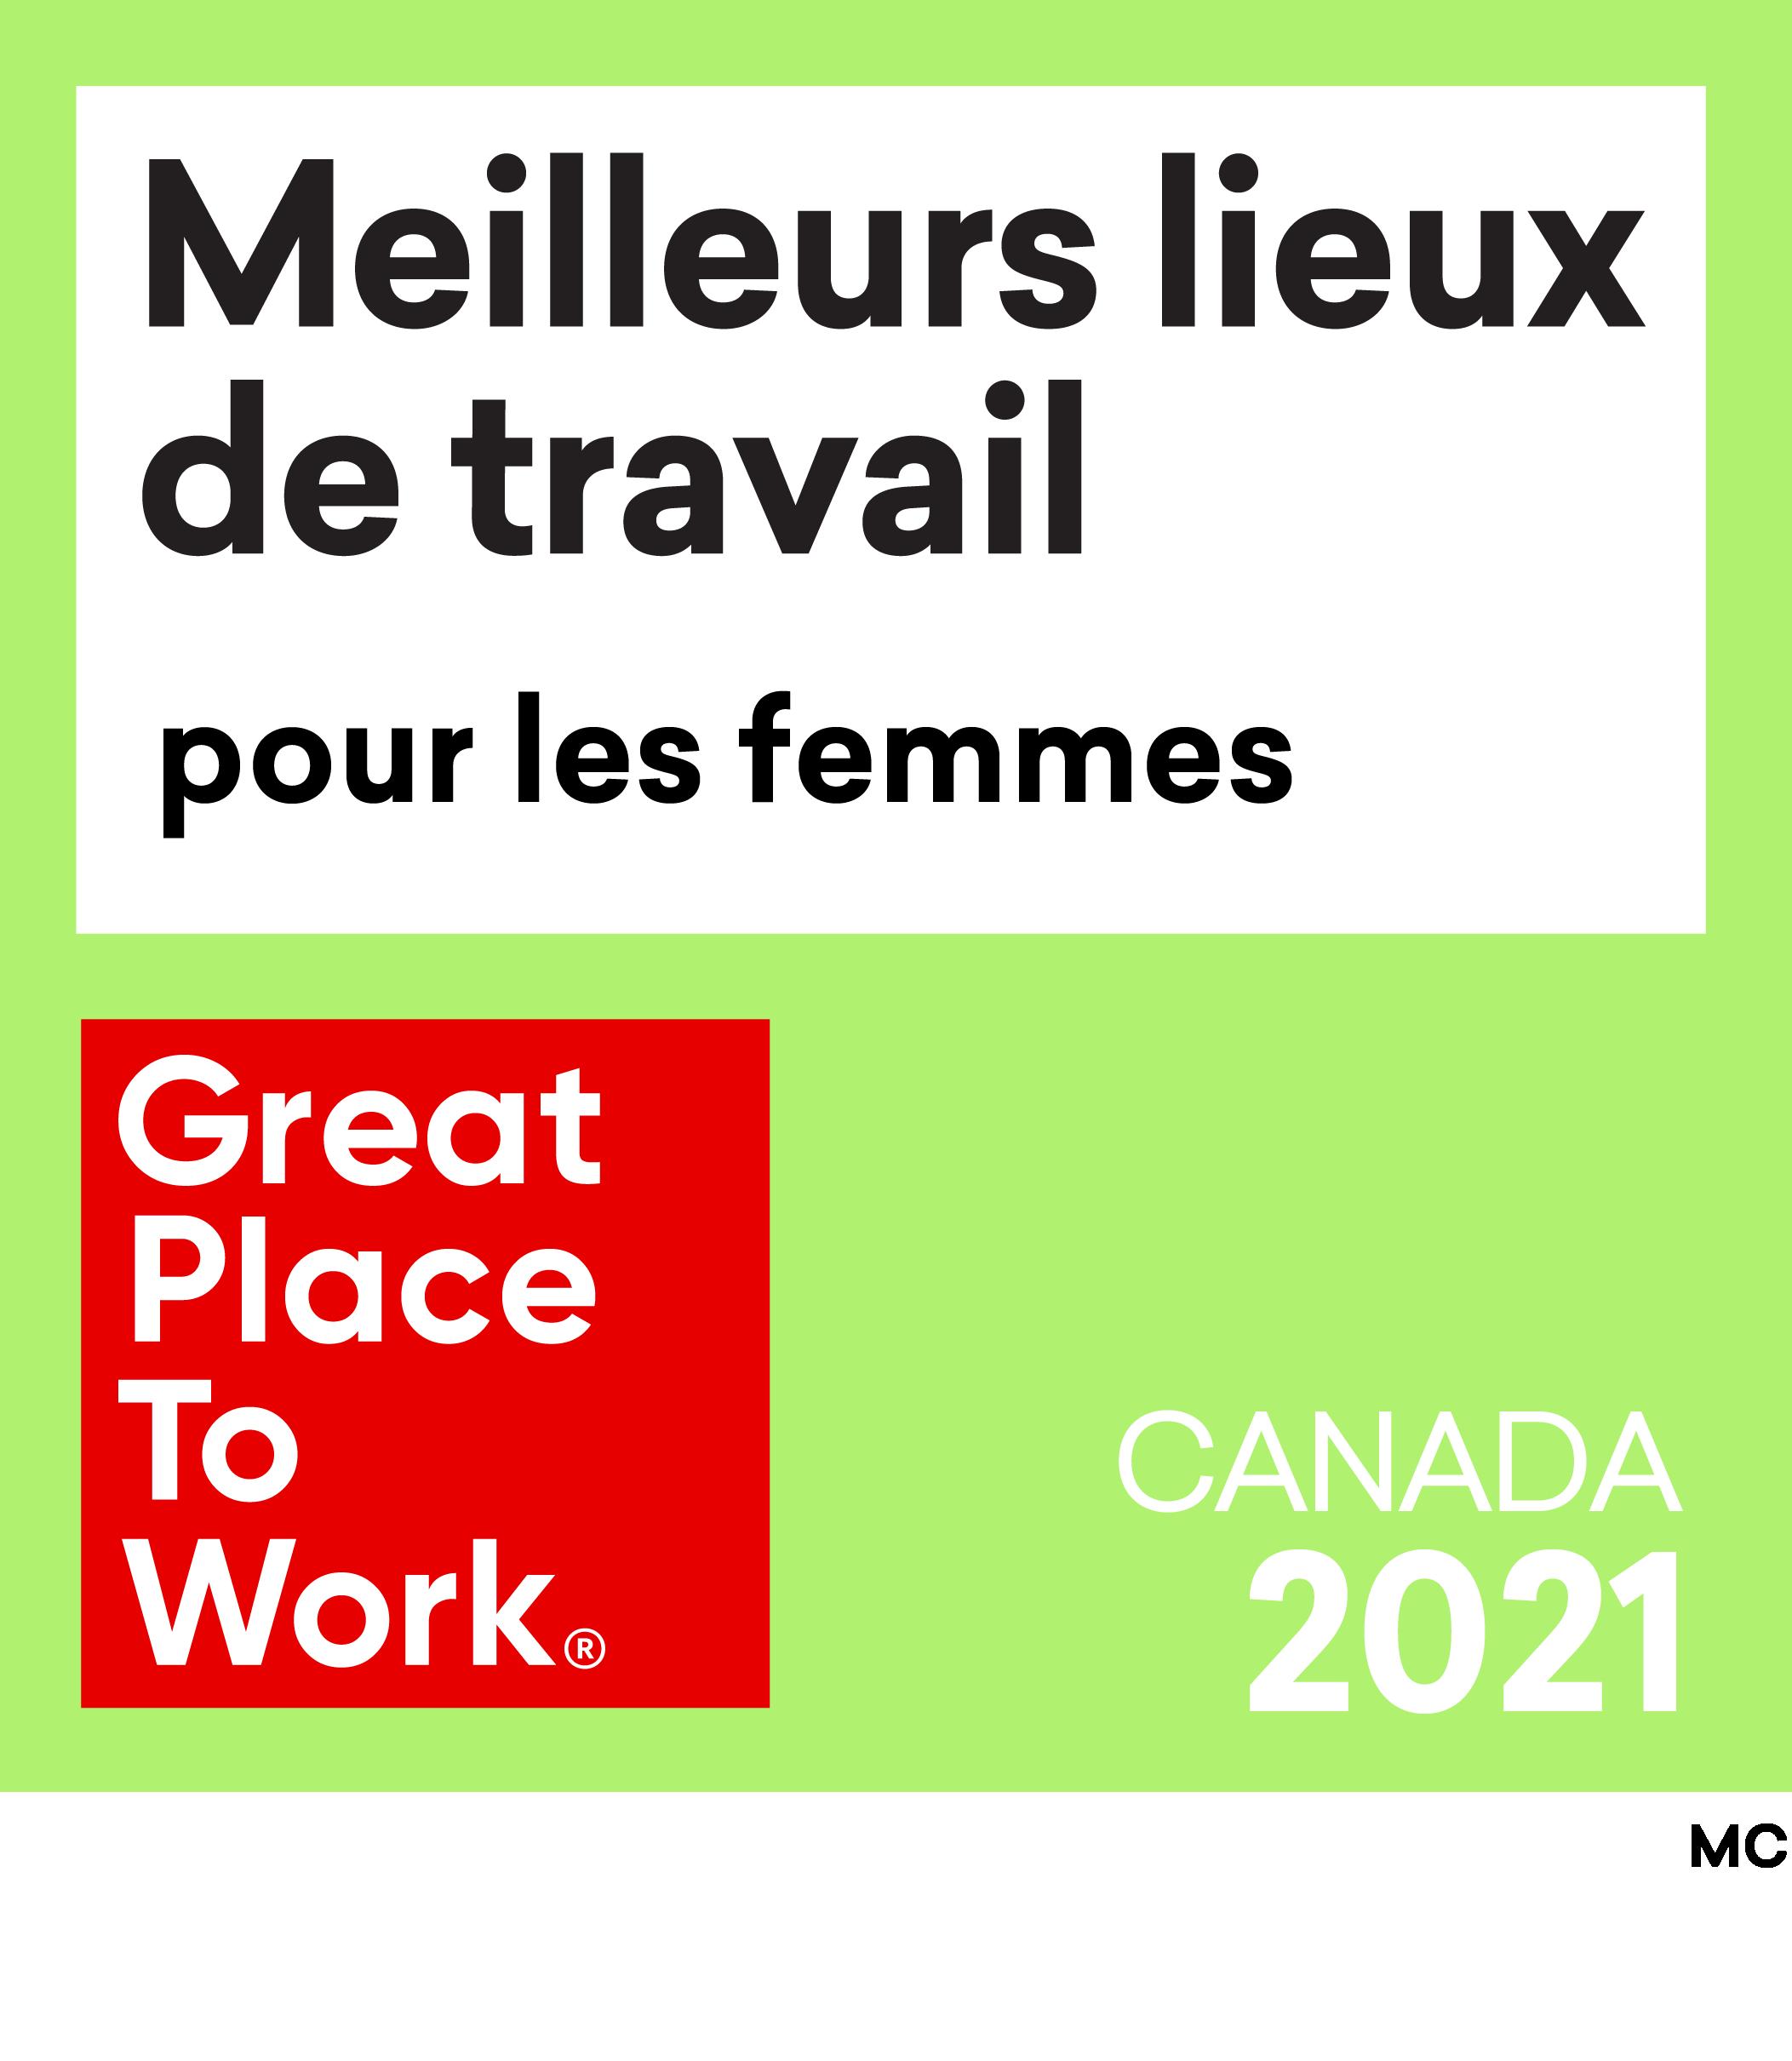 Meilleurs Lieux de Travail pour les femmes. Great Place To Work. Canada 2021.